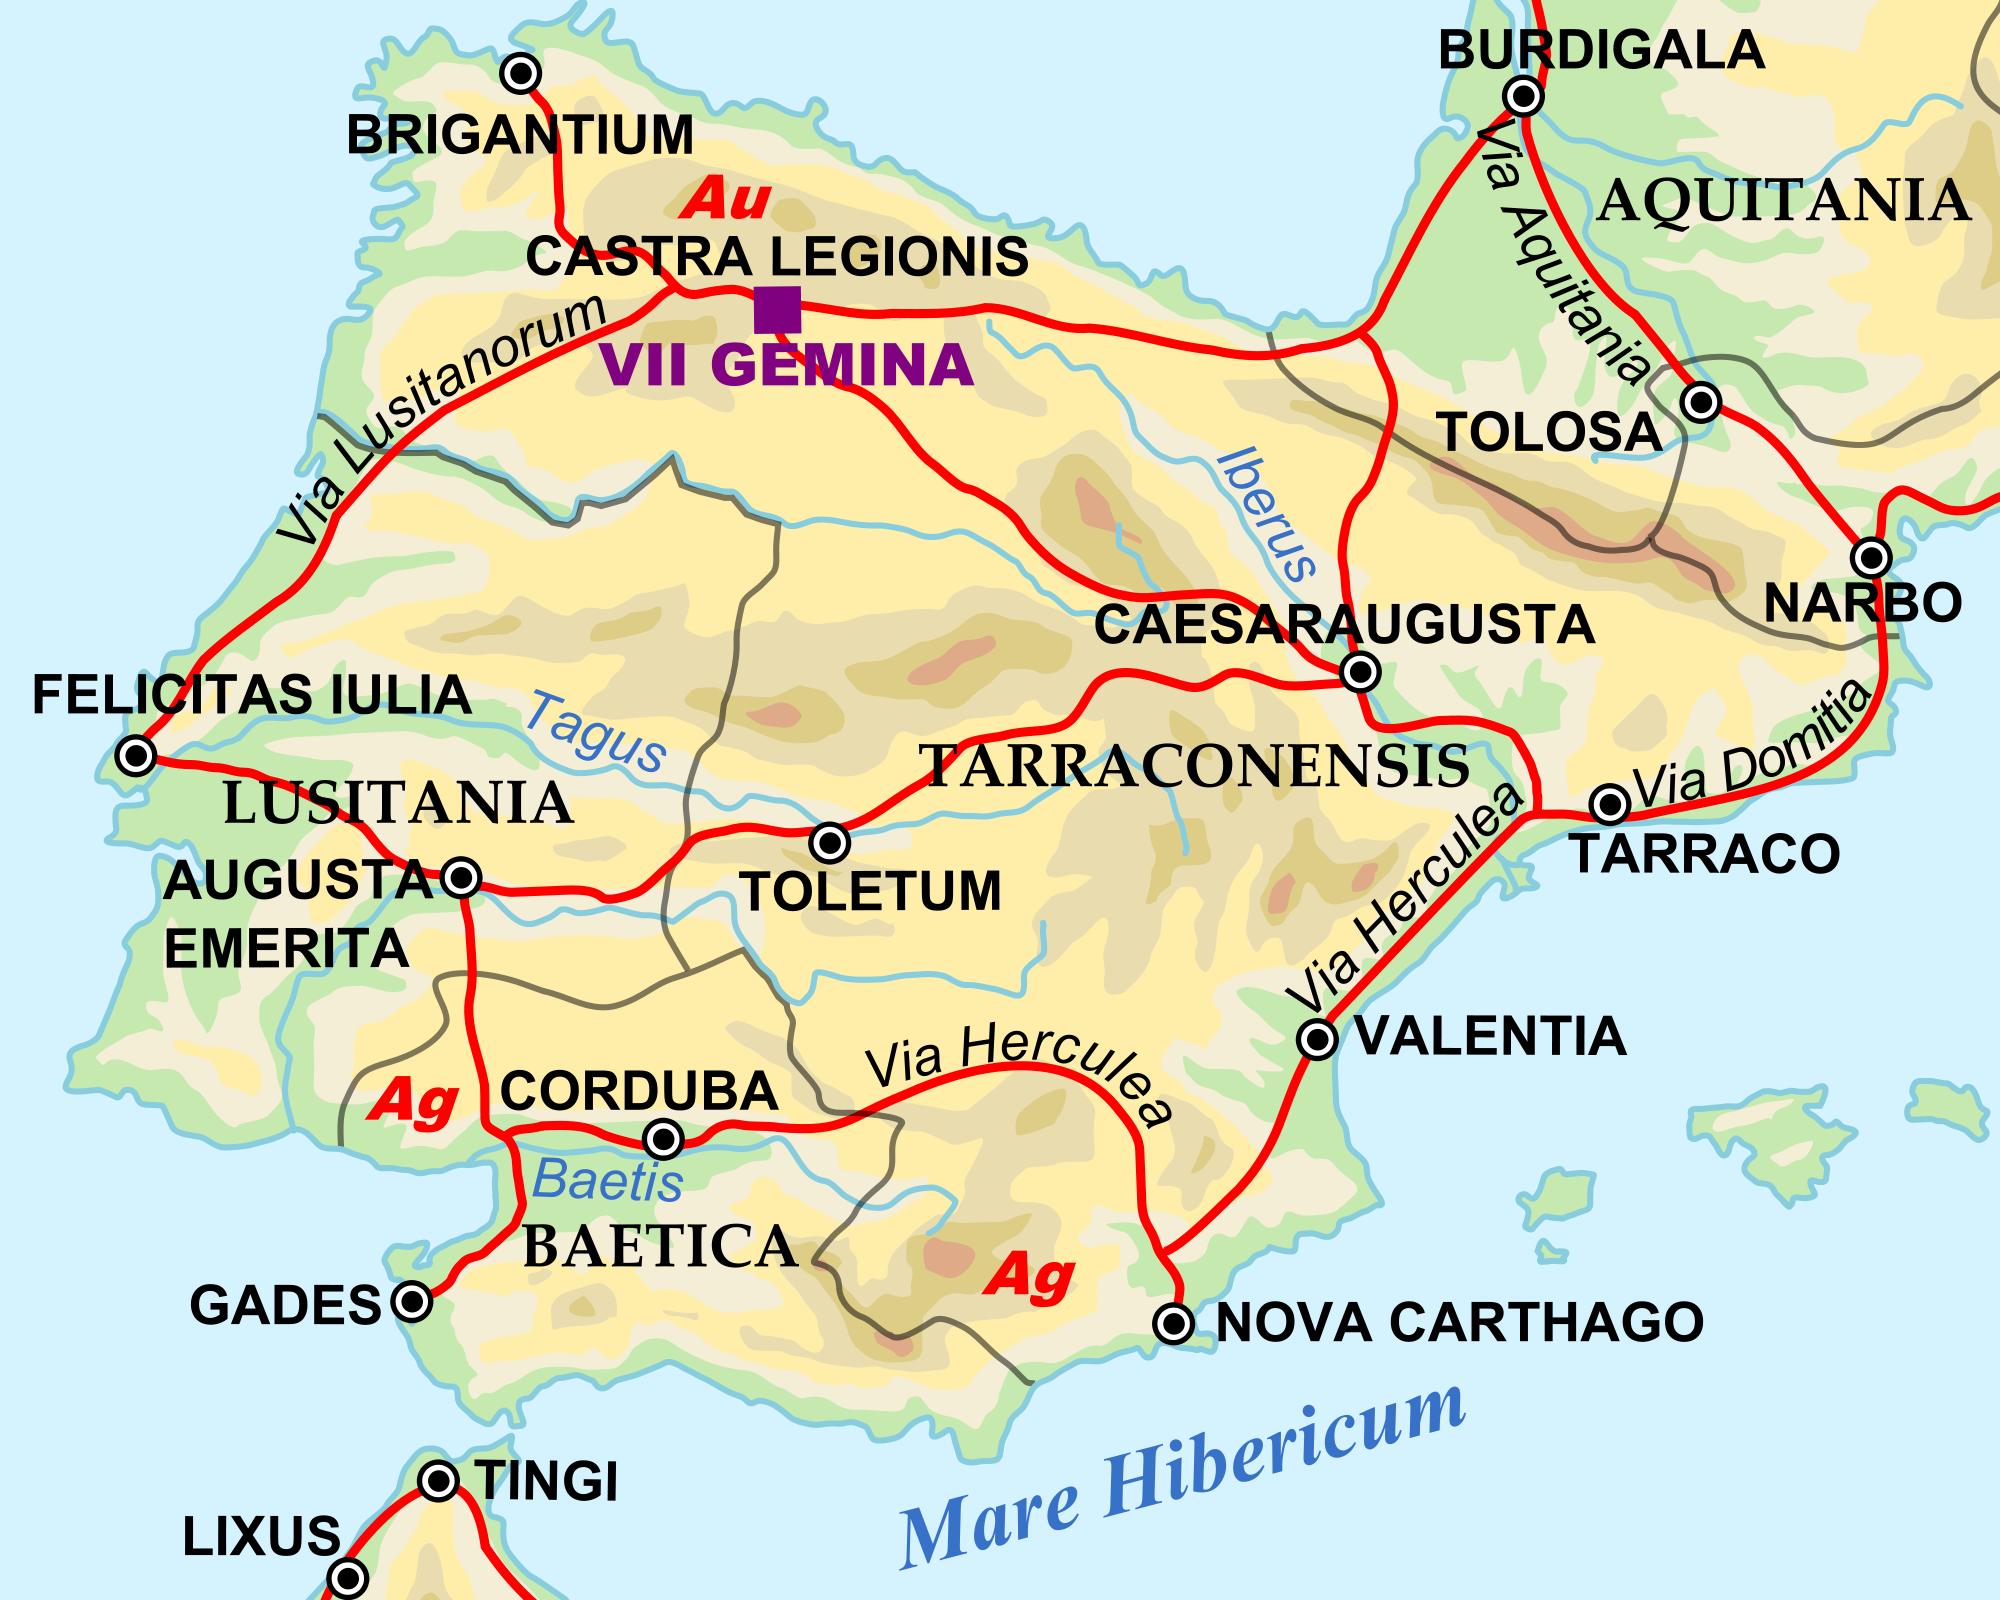 Hispania en tiempos de Adriano, 125 dC